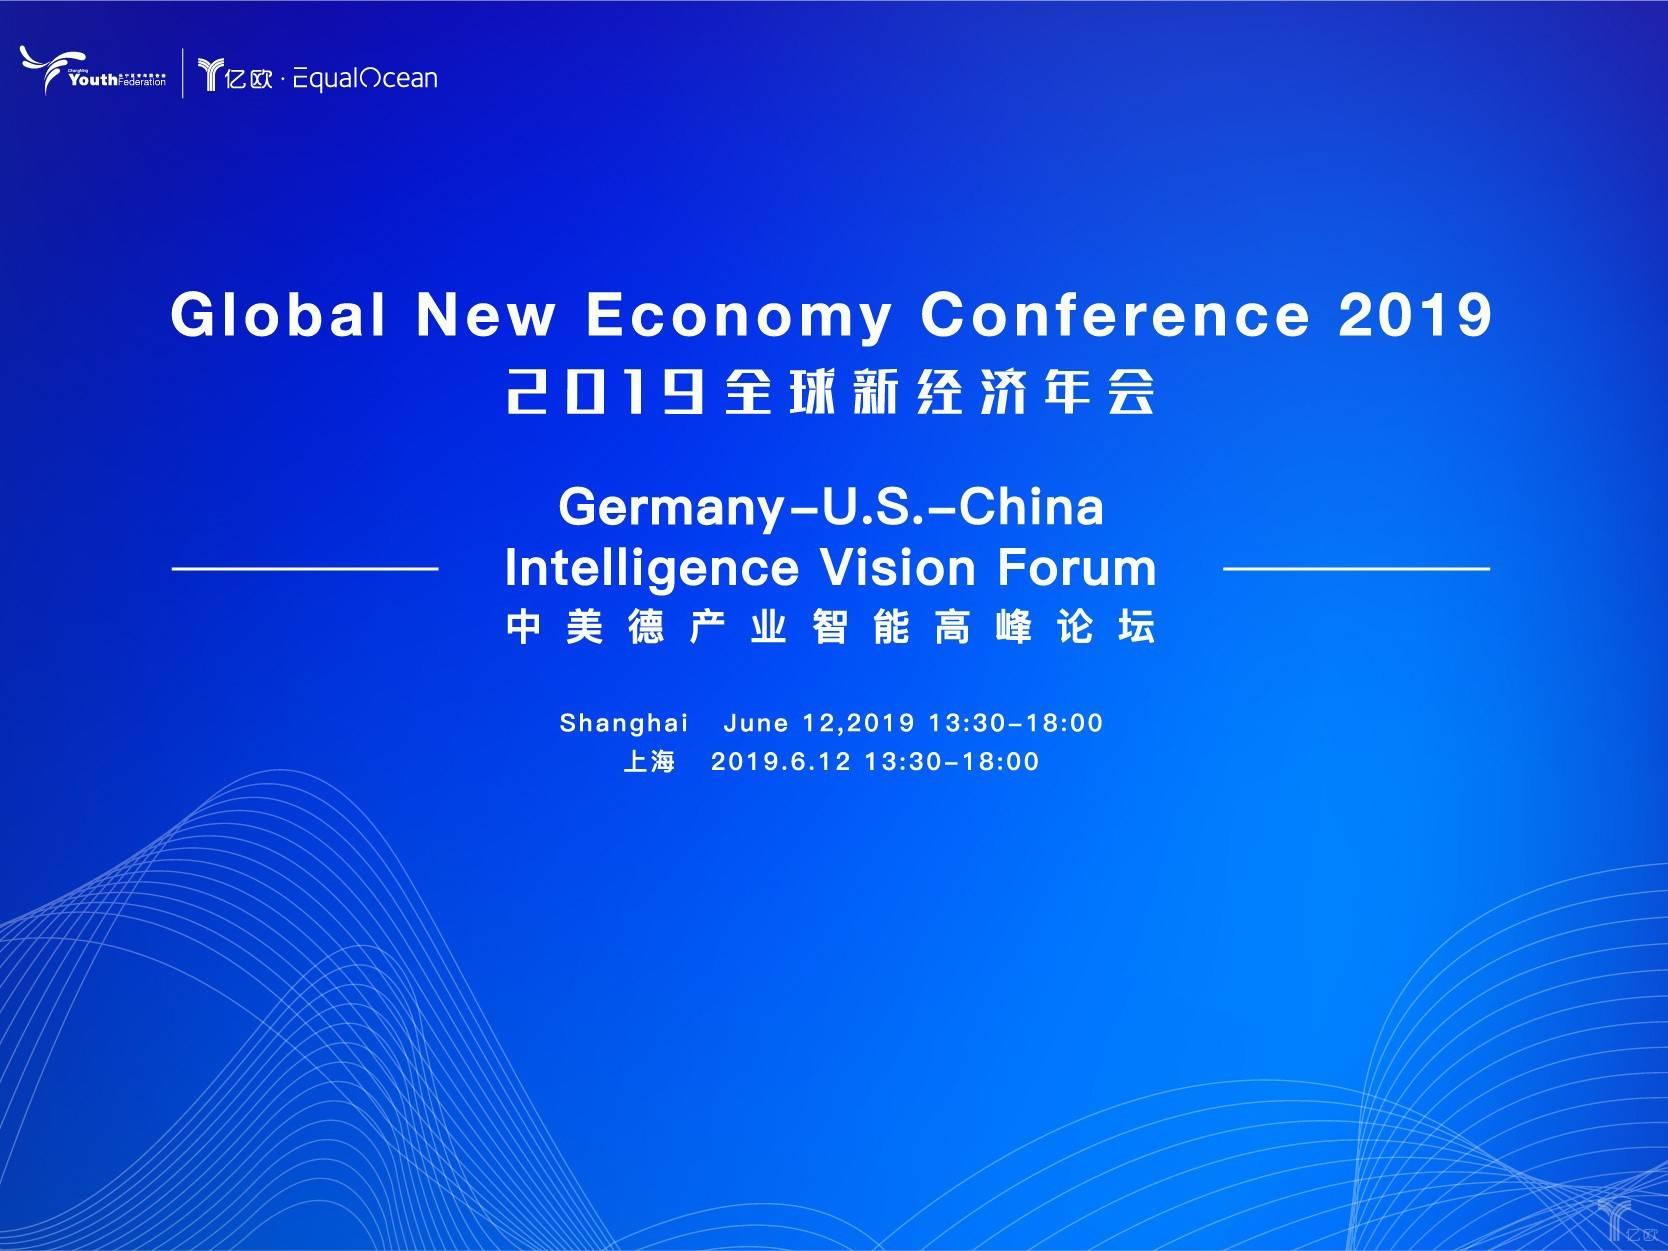 全球18家科技/投资/咨询领袖对话上海,人才招聘中